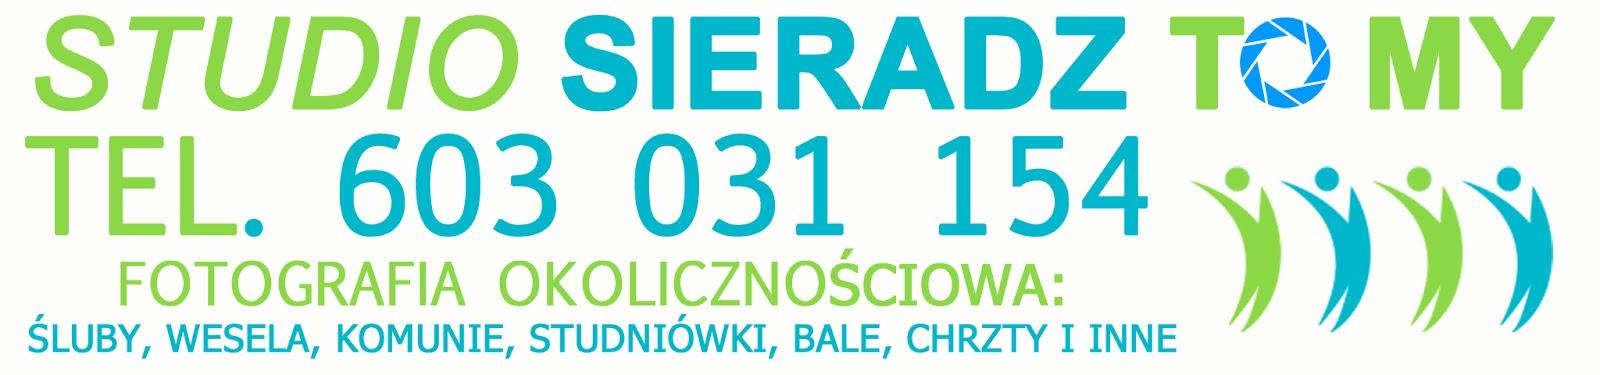 STUDIO SIERADZ TO MY